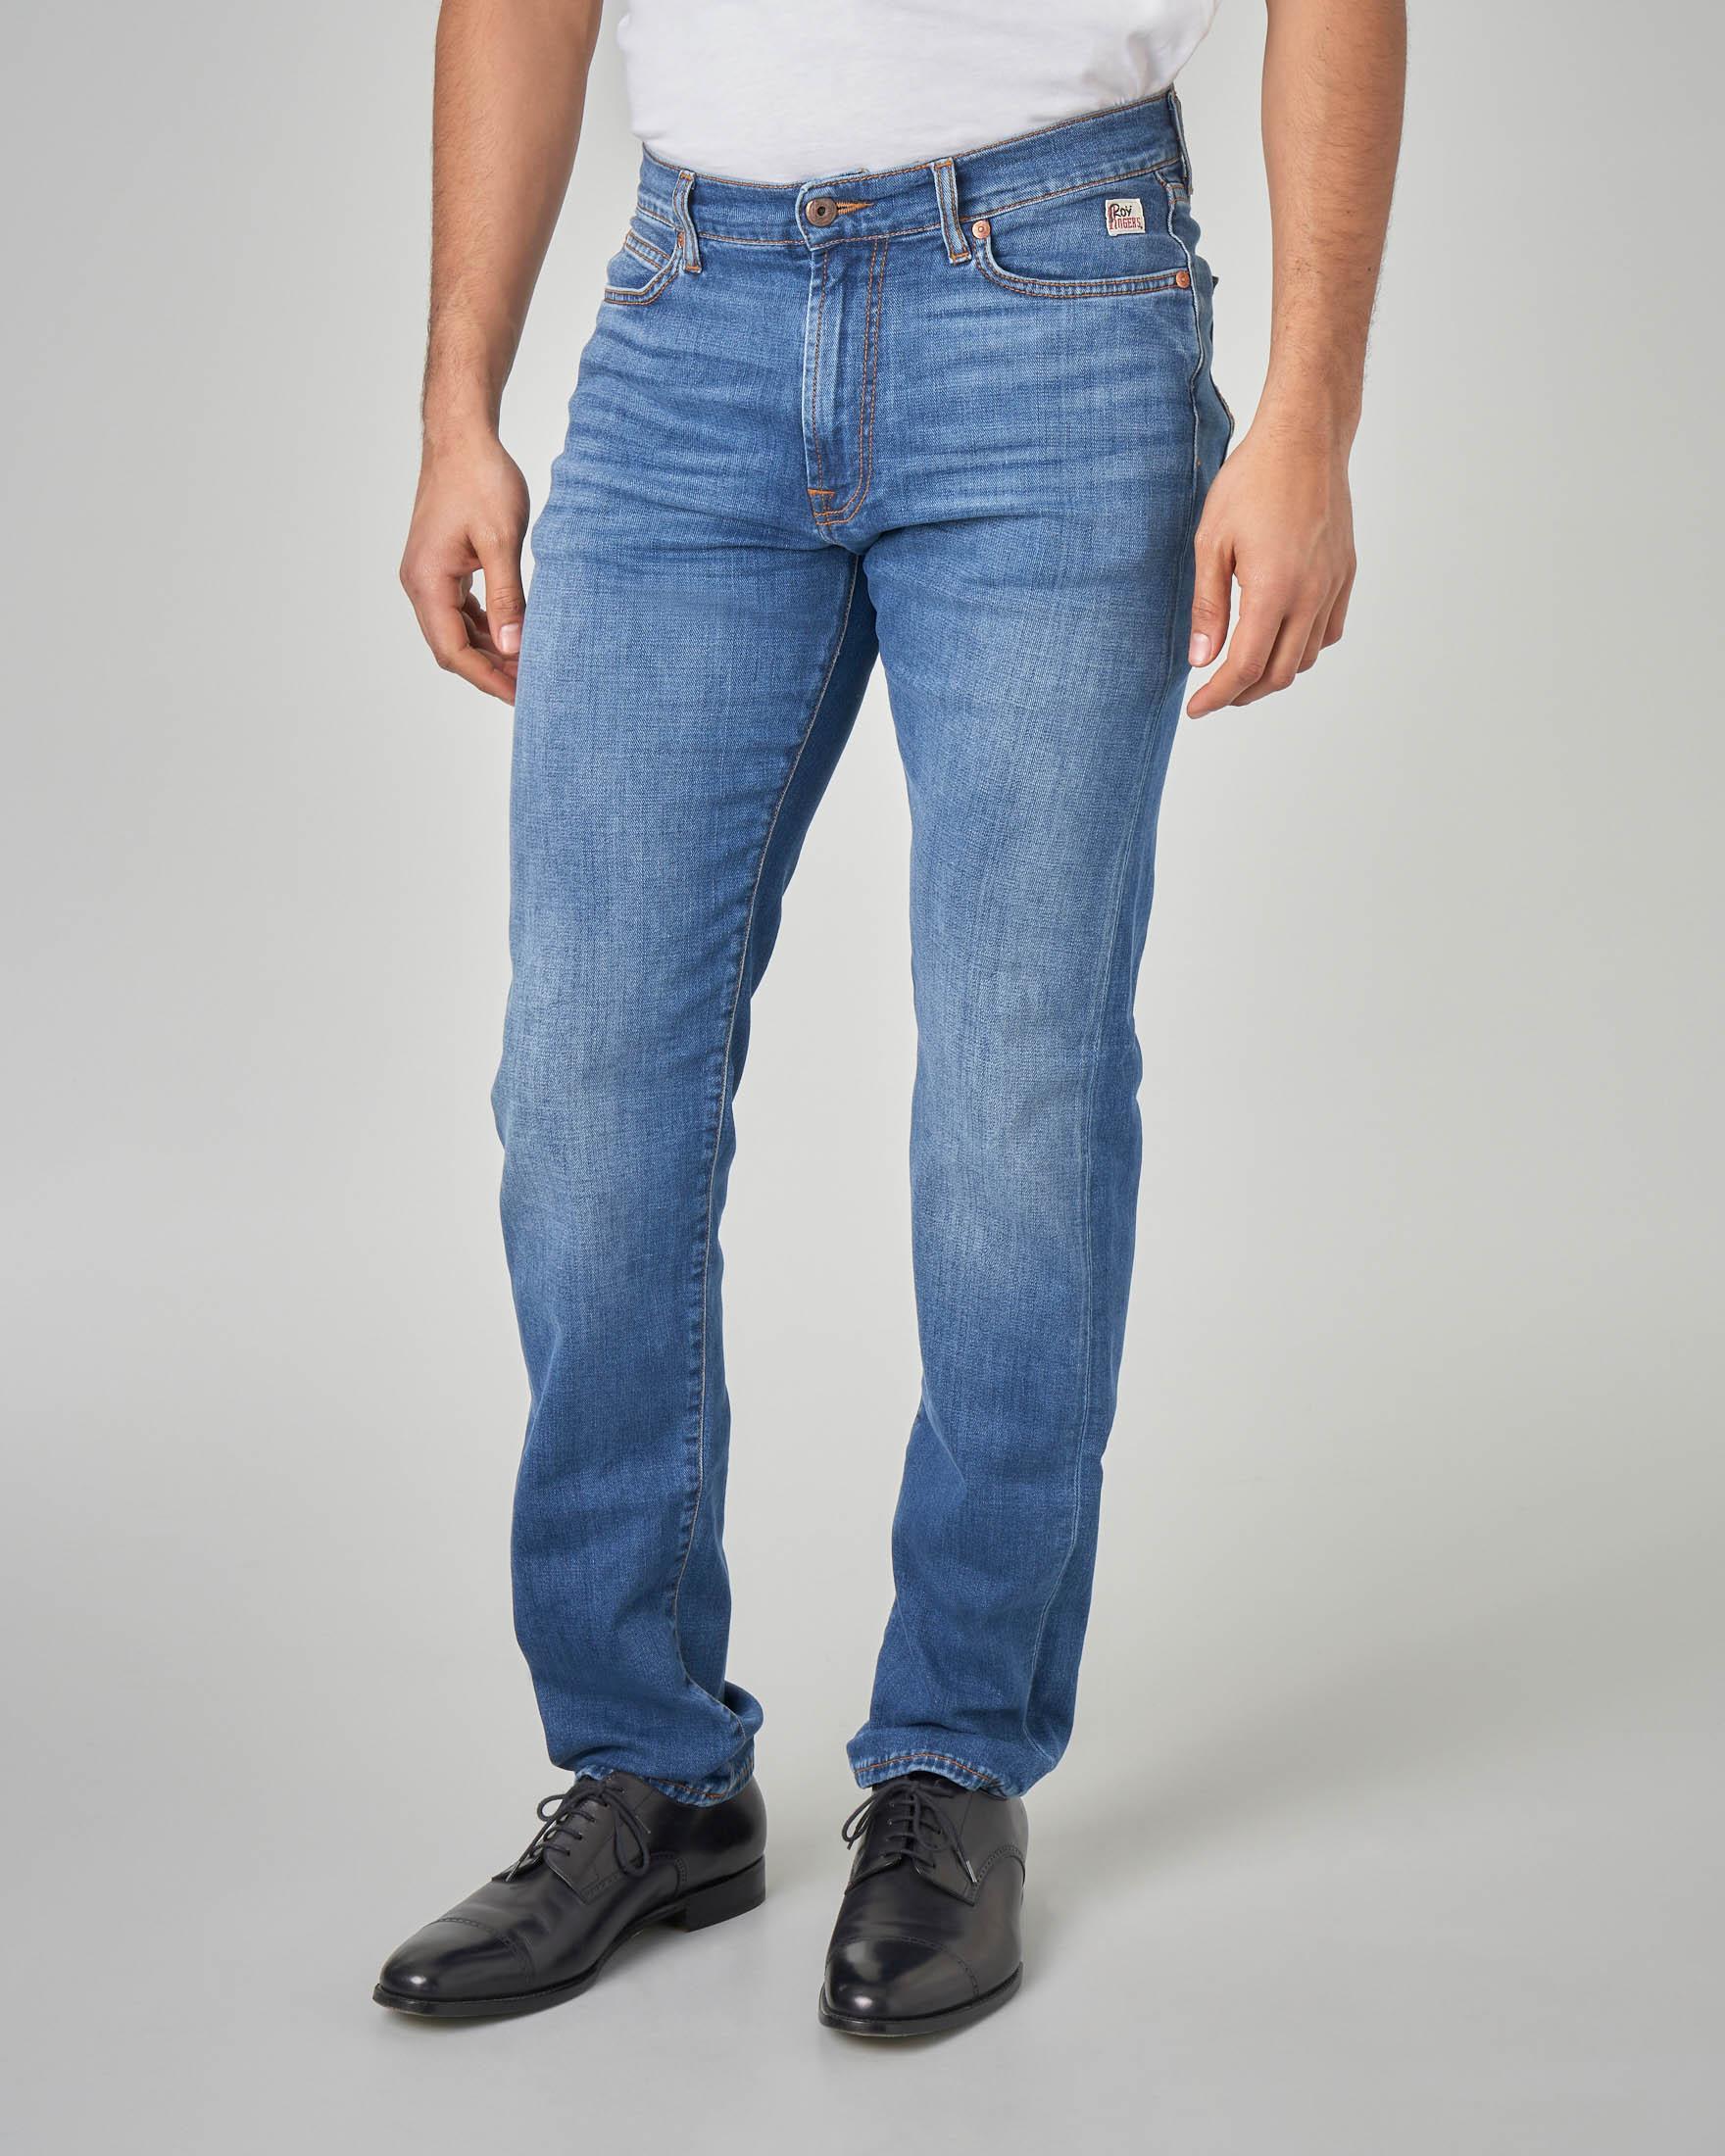 Jeans 927 lavaggio super stone wash